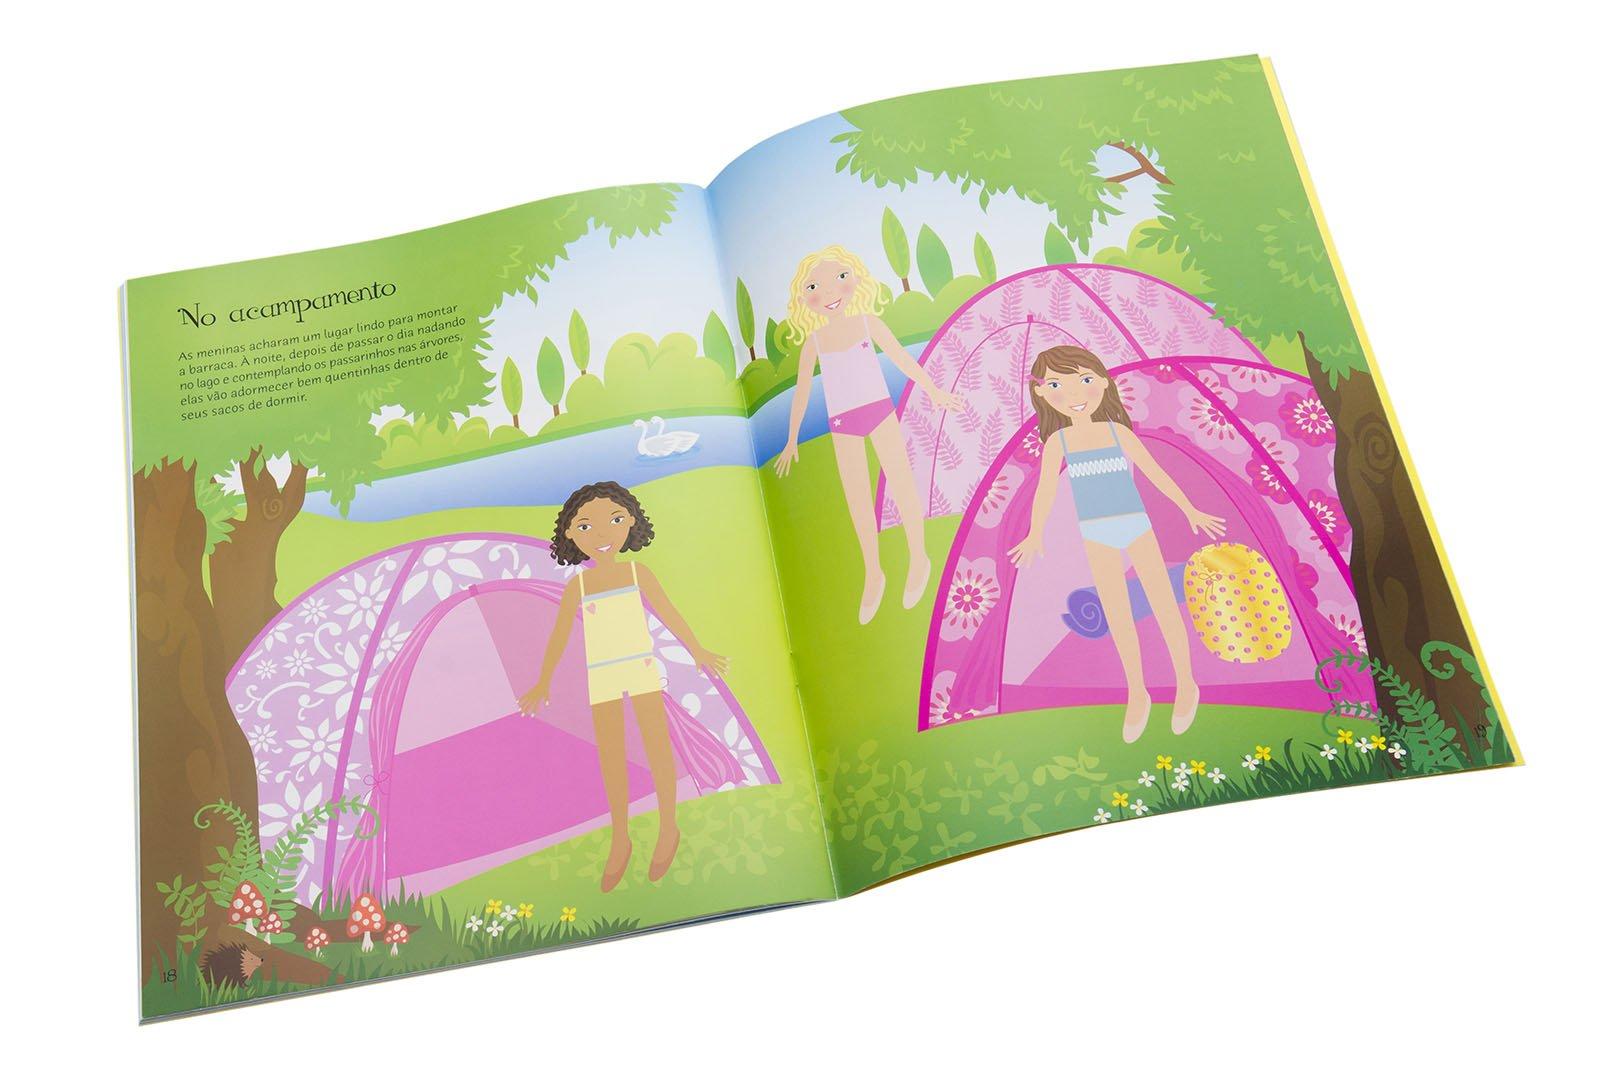 Vestindo Minhas Amigas. De Férias: Maria Elisa Bifano: 9781409534402: Amazon.com: Books